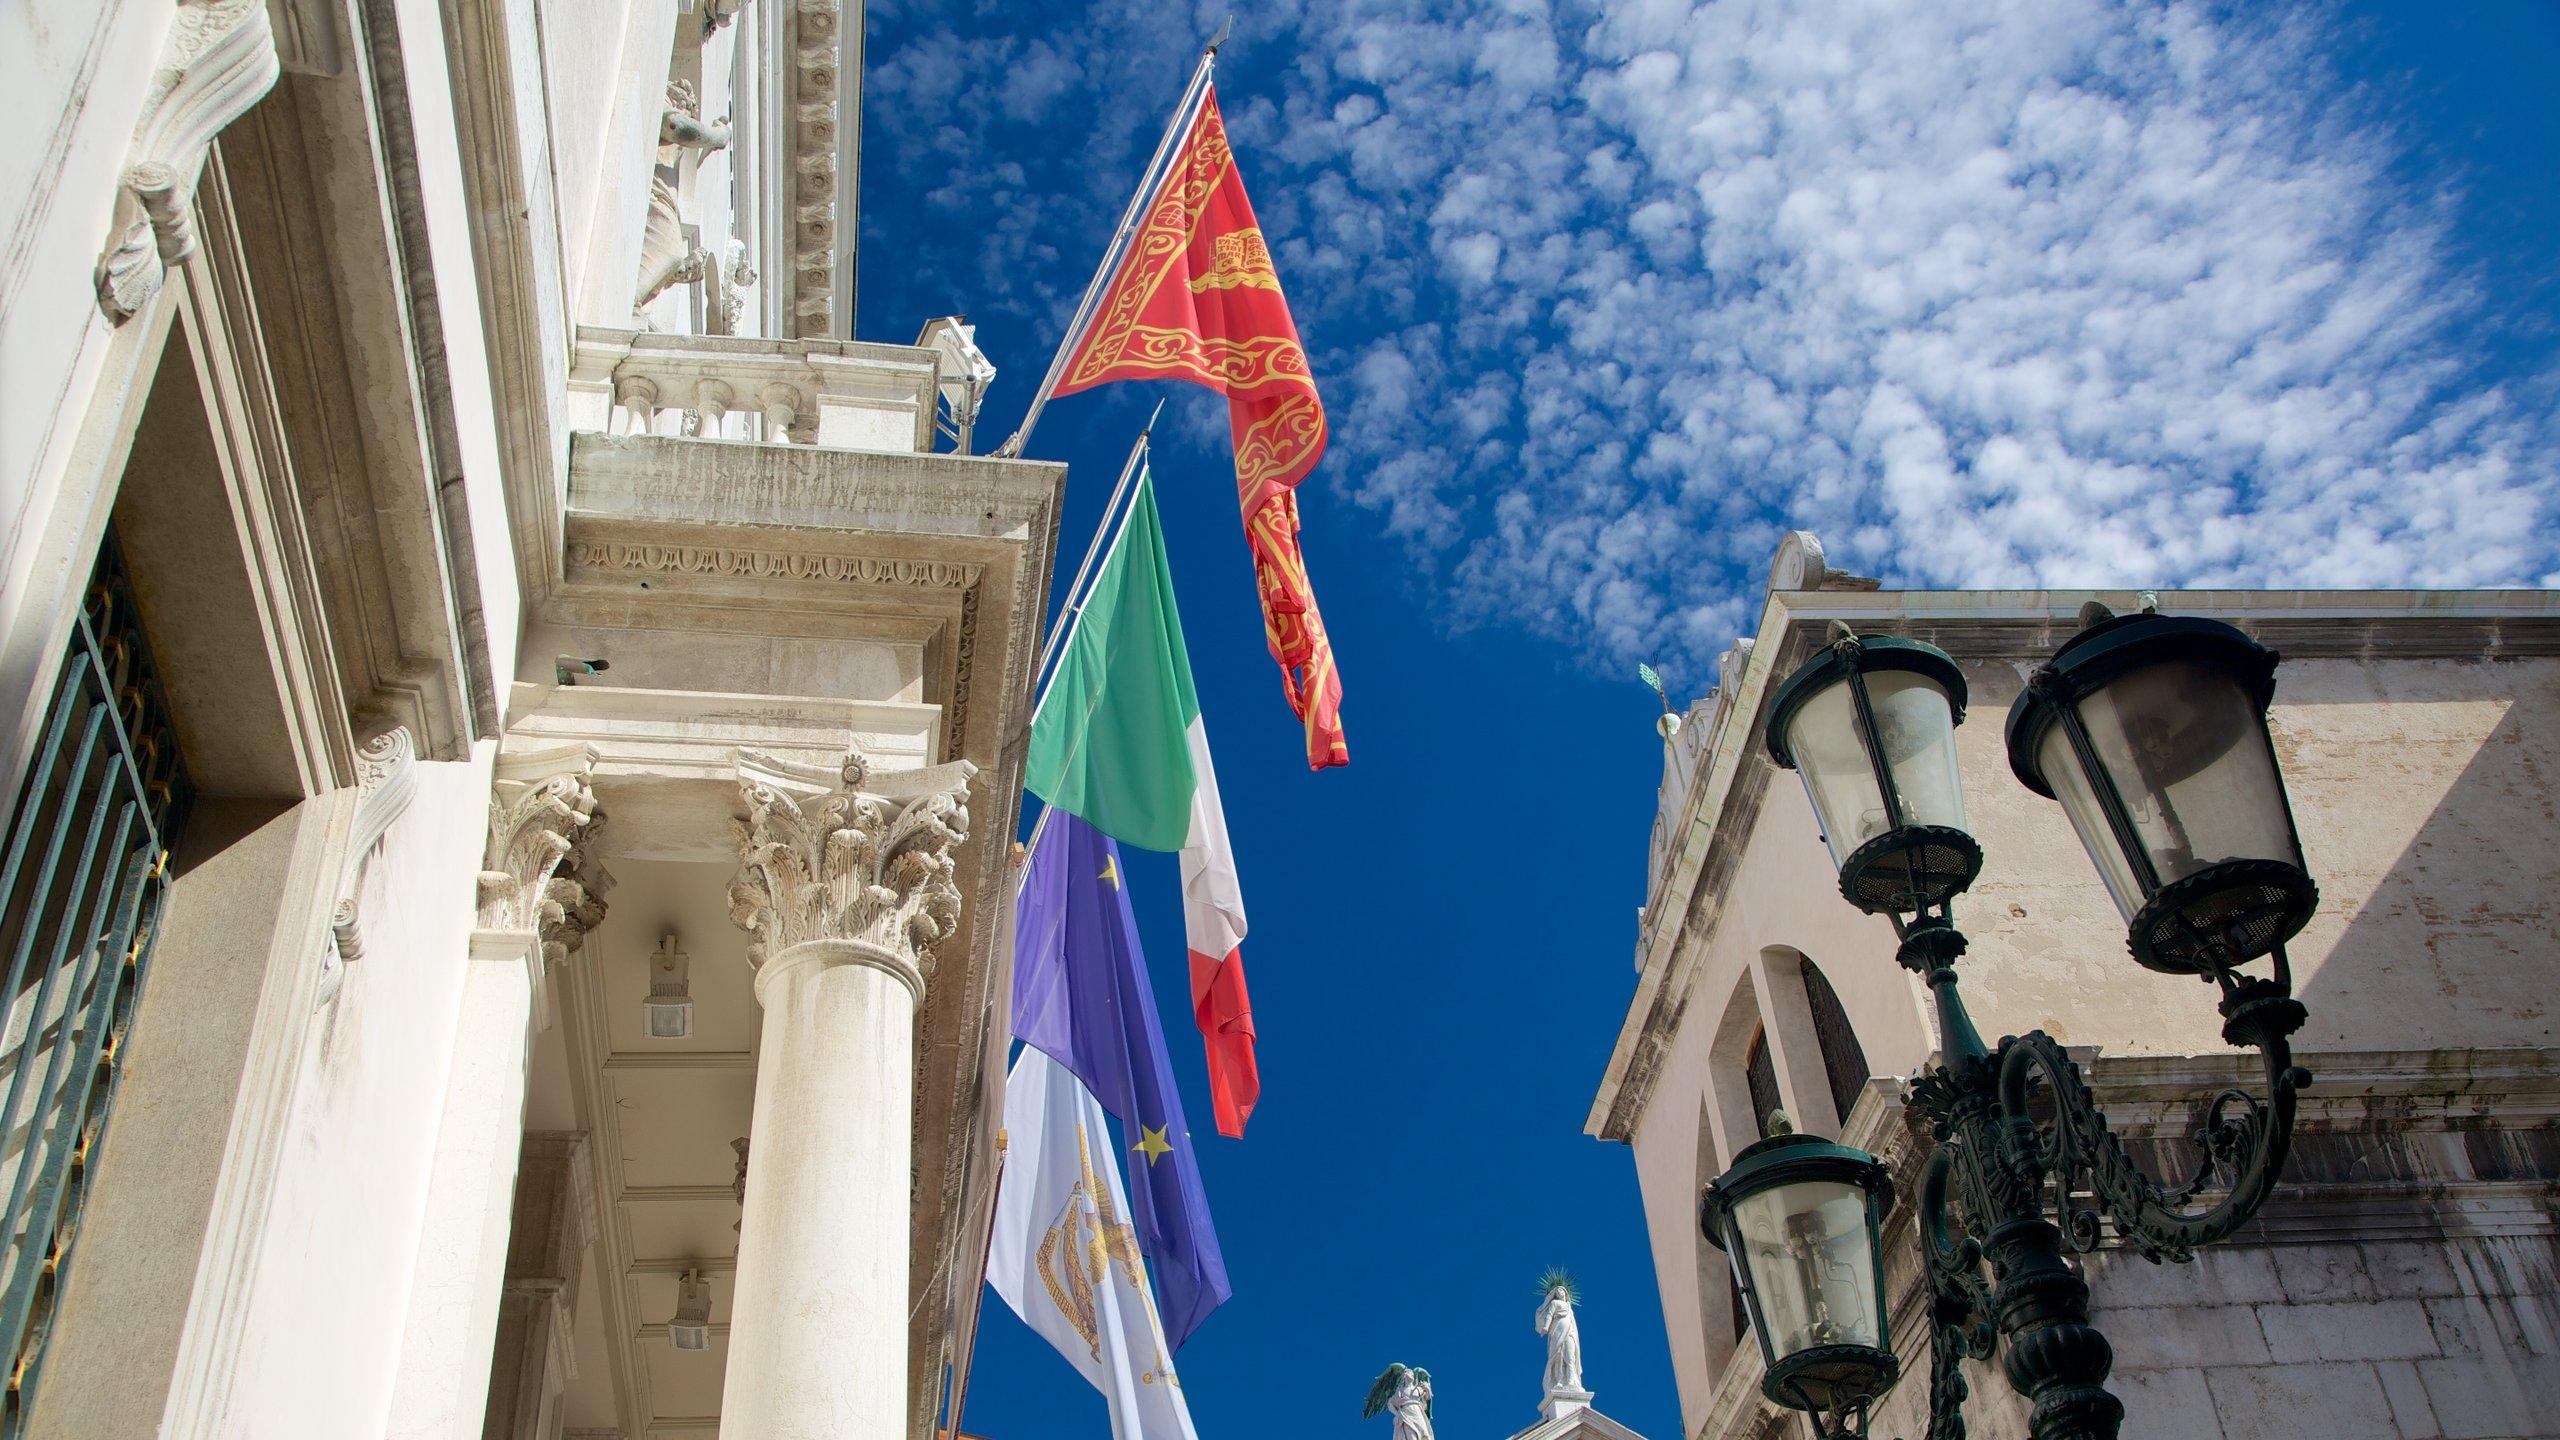 Teatro La Fenice, Venedig, Veneto, Italien